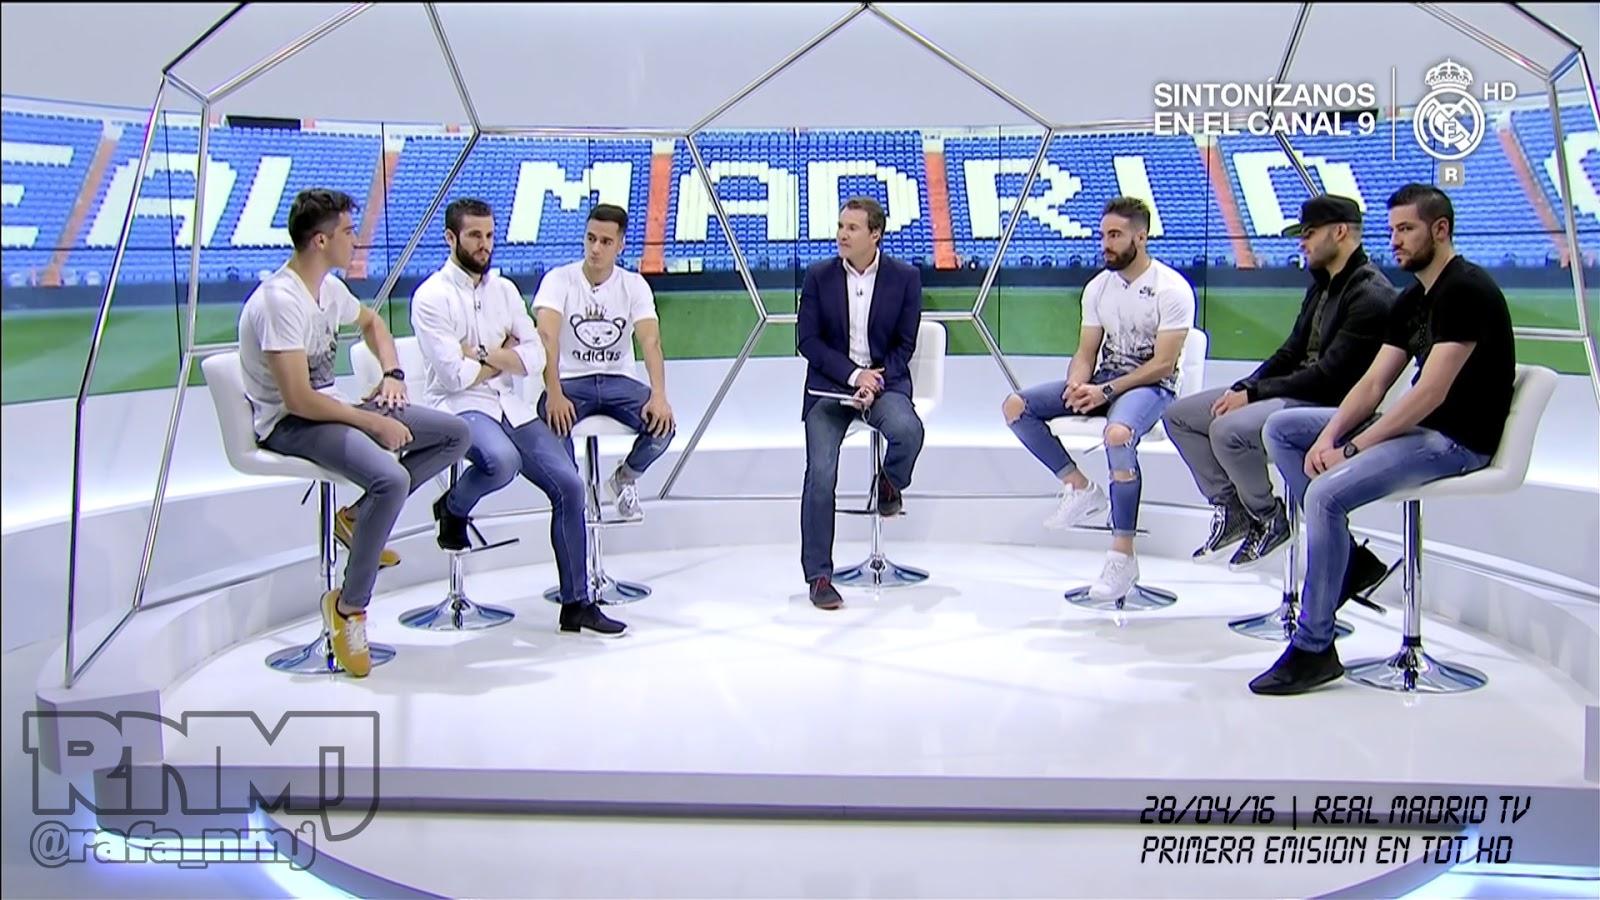 Real madrid tv empieza su emisi 243 n hd por tdt y en abierto